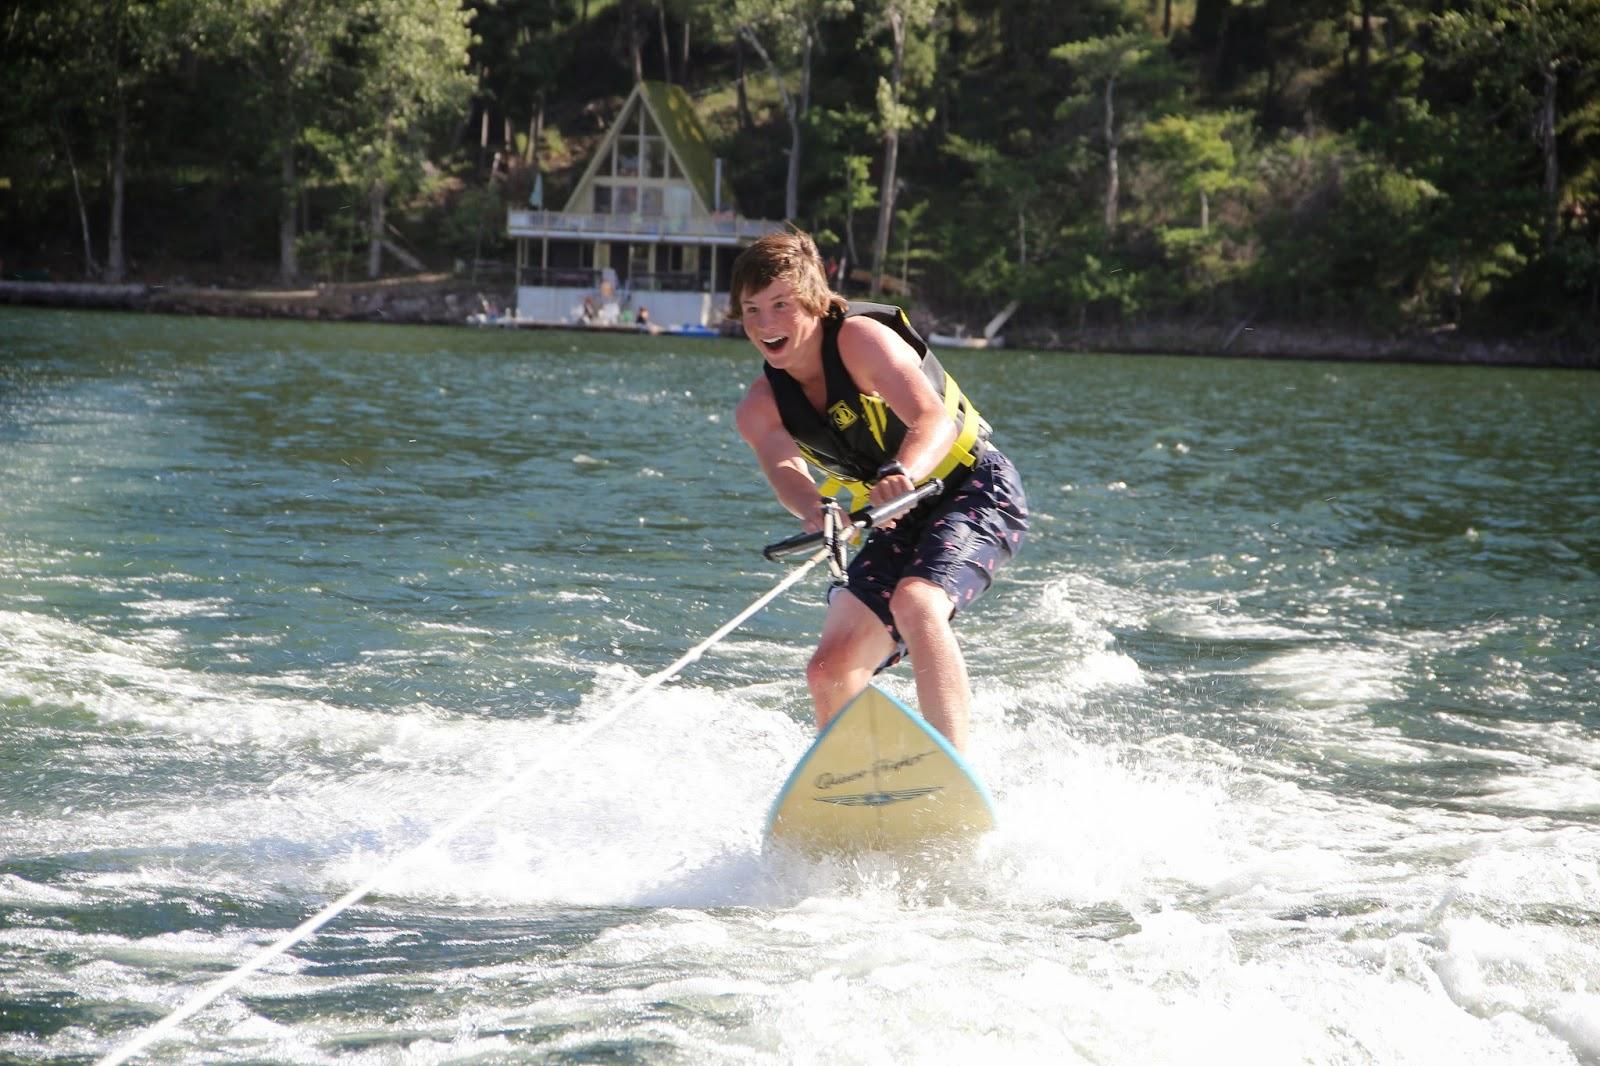 Scurfing